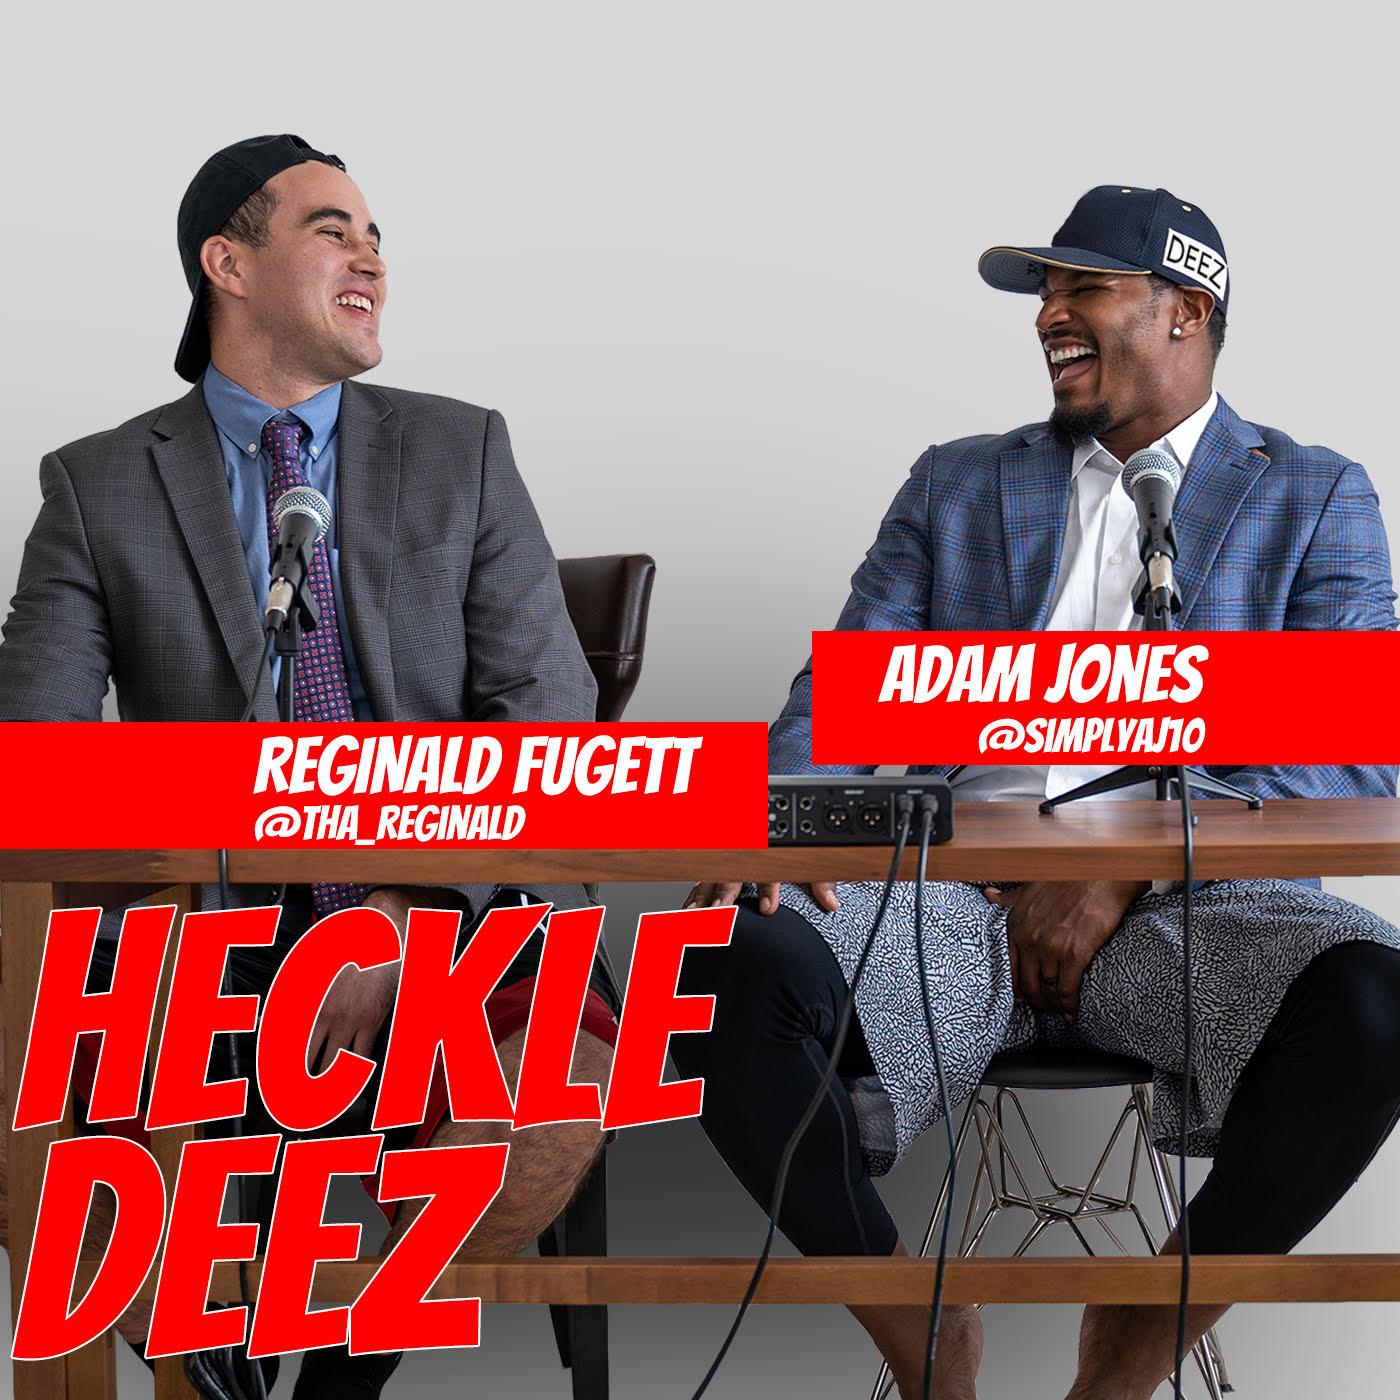 Adam Jones Heckles Deez with Reggie show art